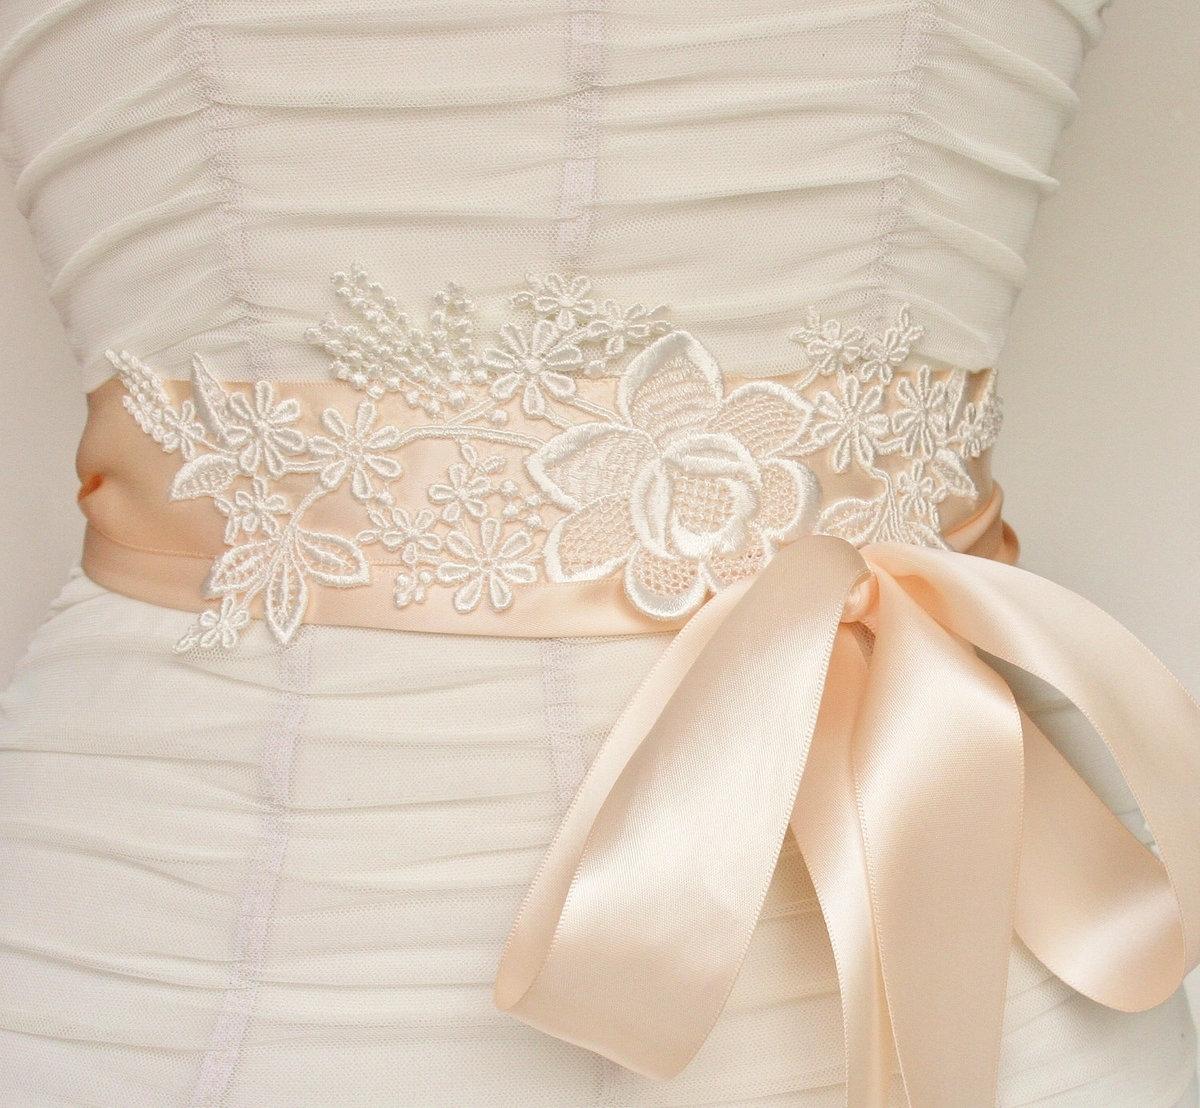 Пояс из кружева на платье своими руками